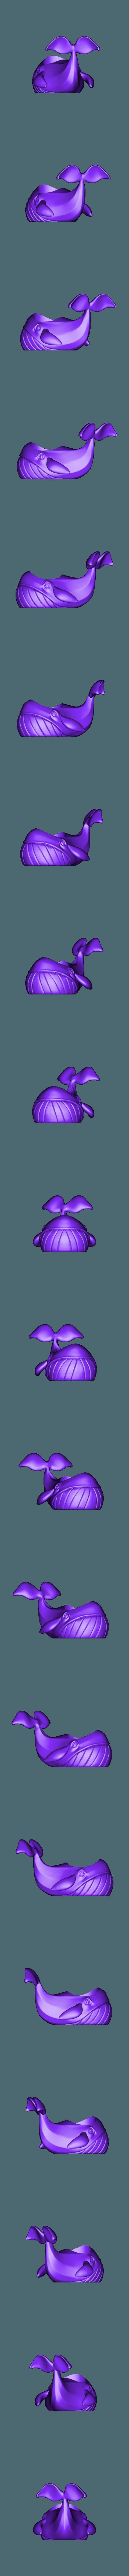 Whale_DIY.stl Télécharger fichier OBJ gratuit Pot de fleurs de baleine • Design imprimable en 3D, Dynastinae